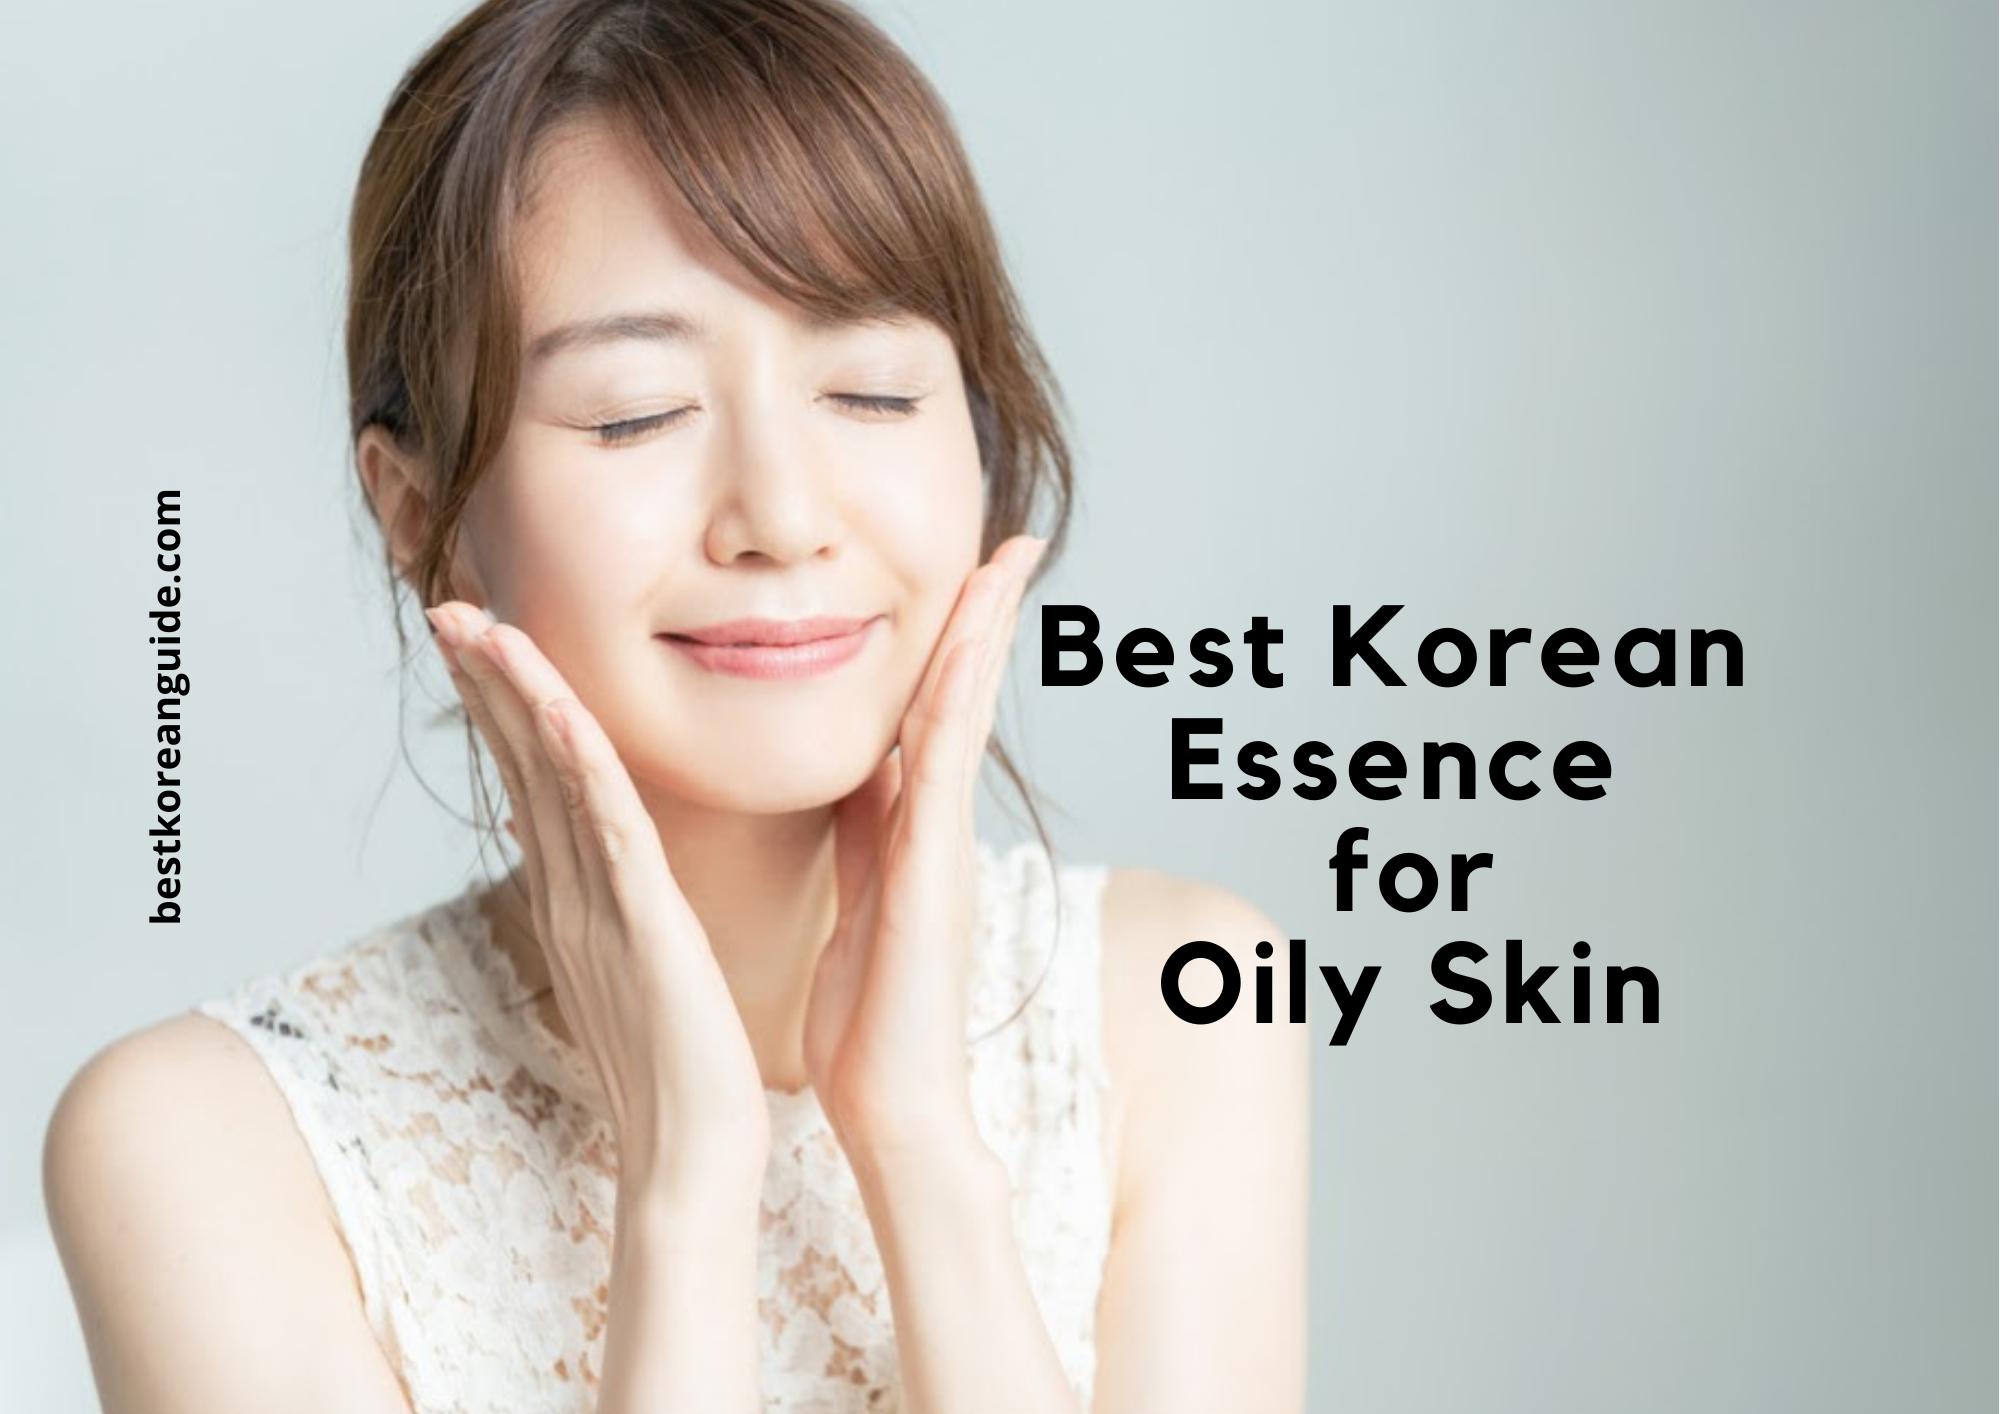 Best Korean Essence for Oily Skin